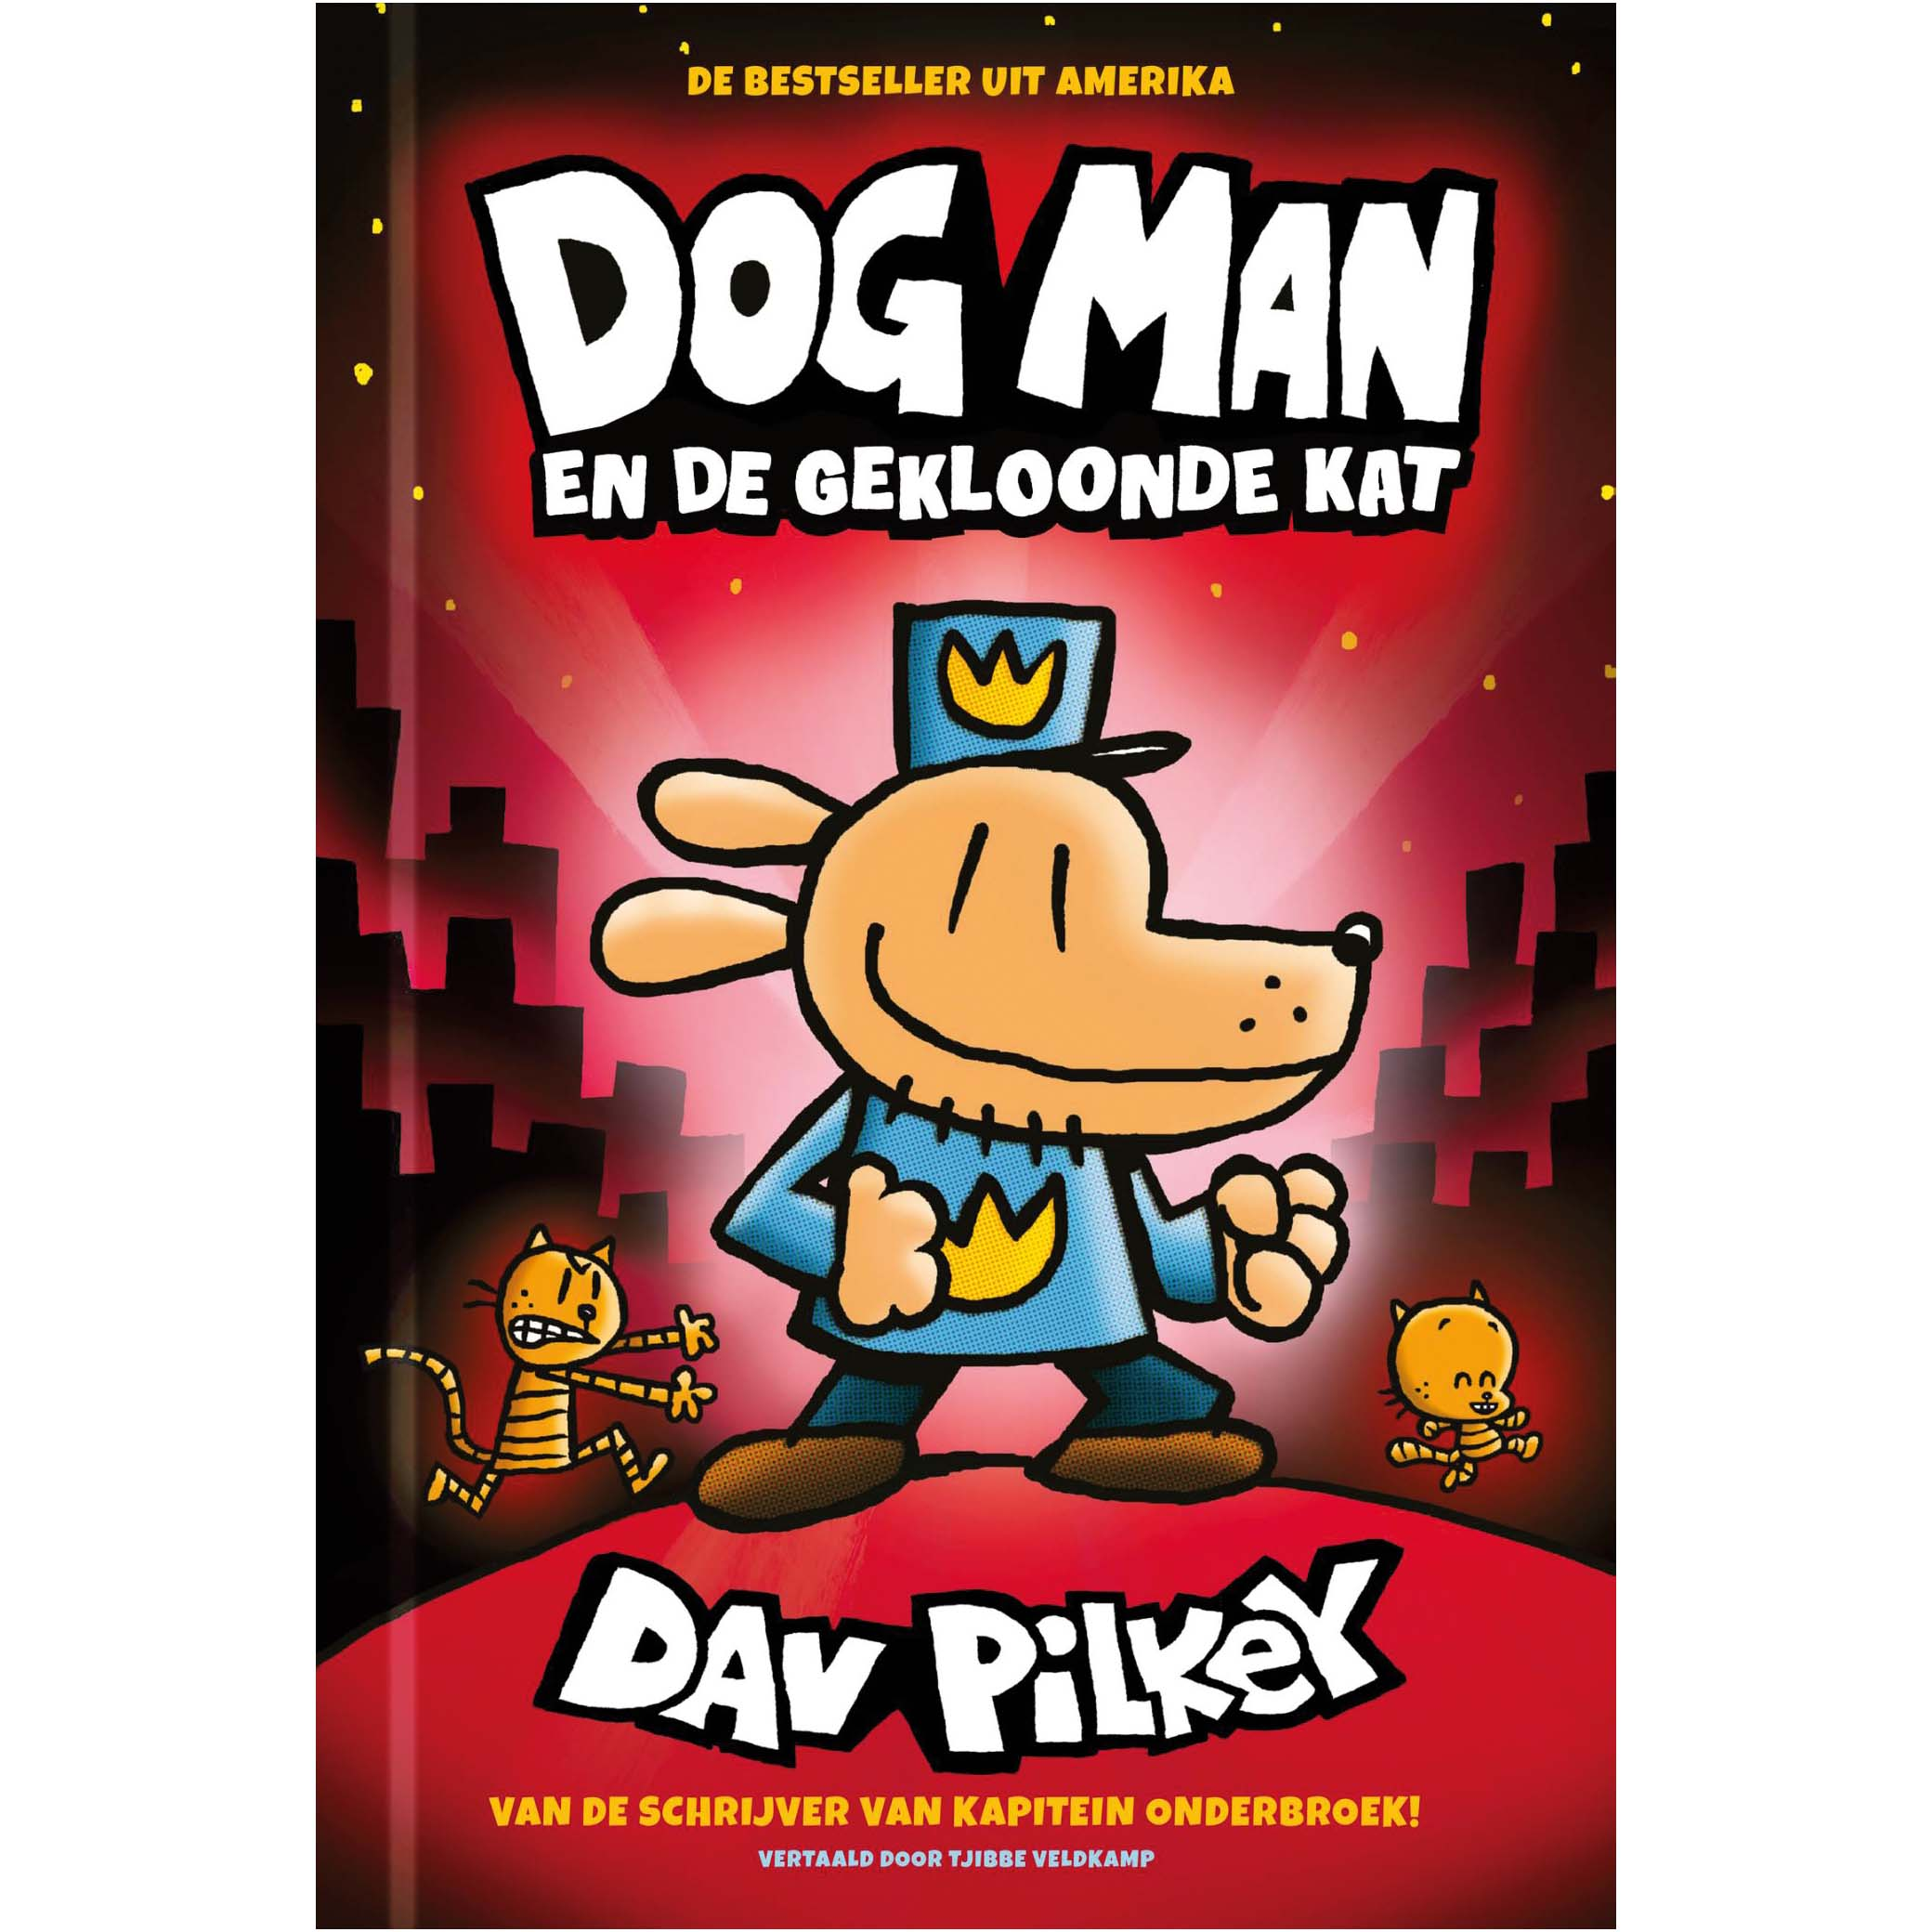 Afbeelding van Boek Dog Man Deel 3 Gekloonde Kat